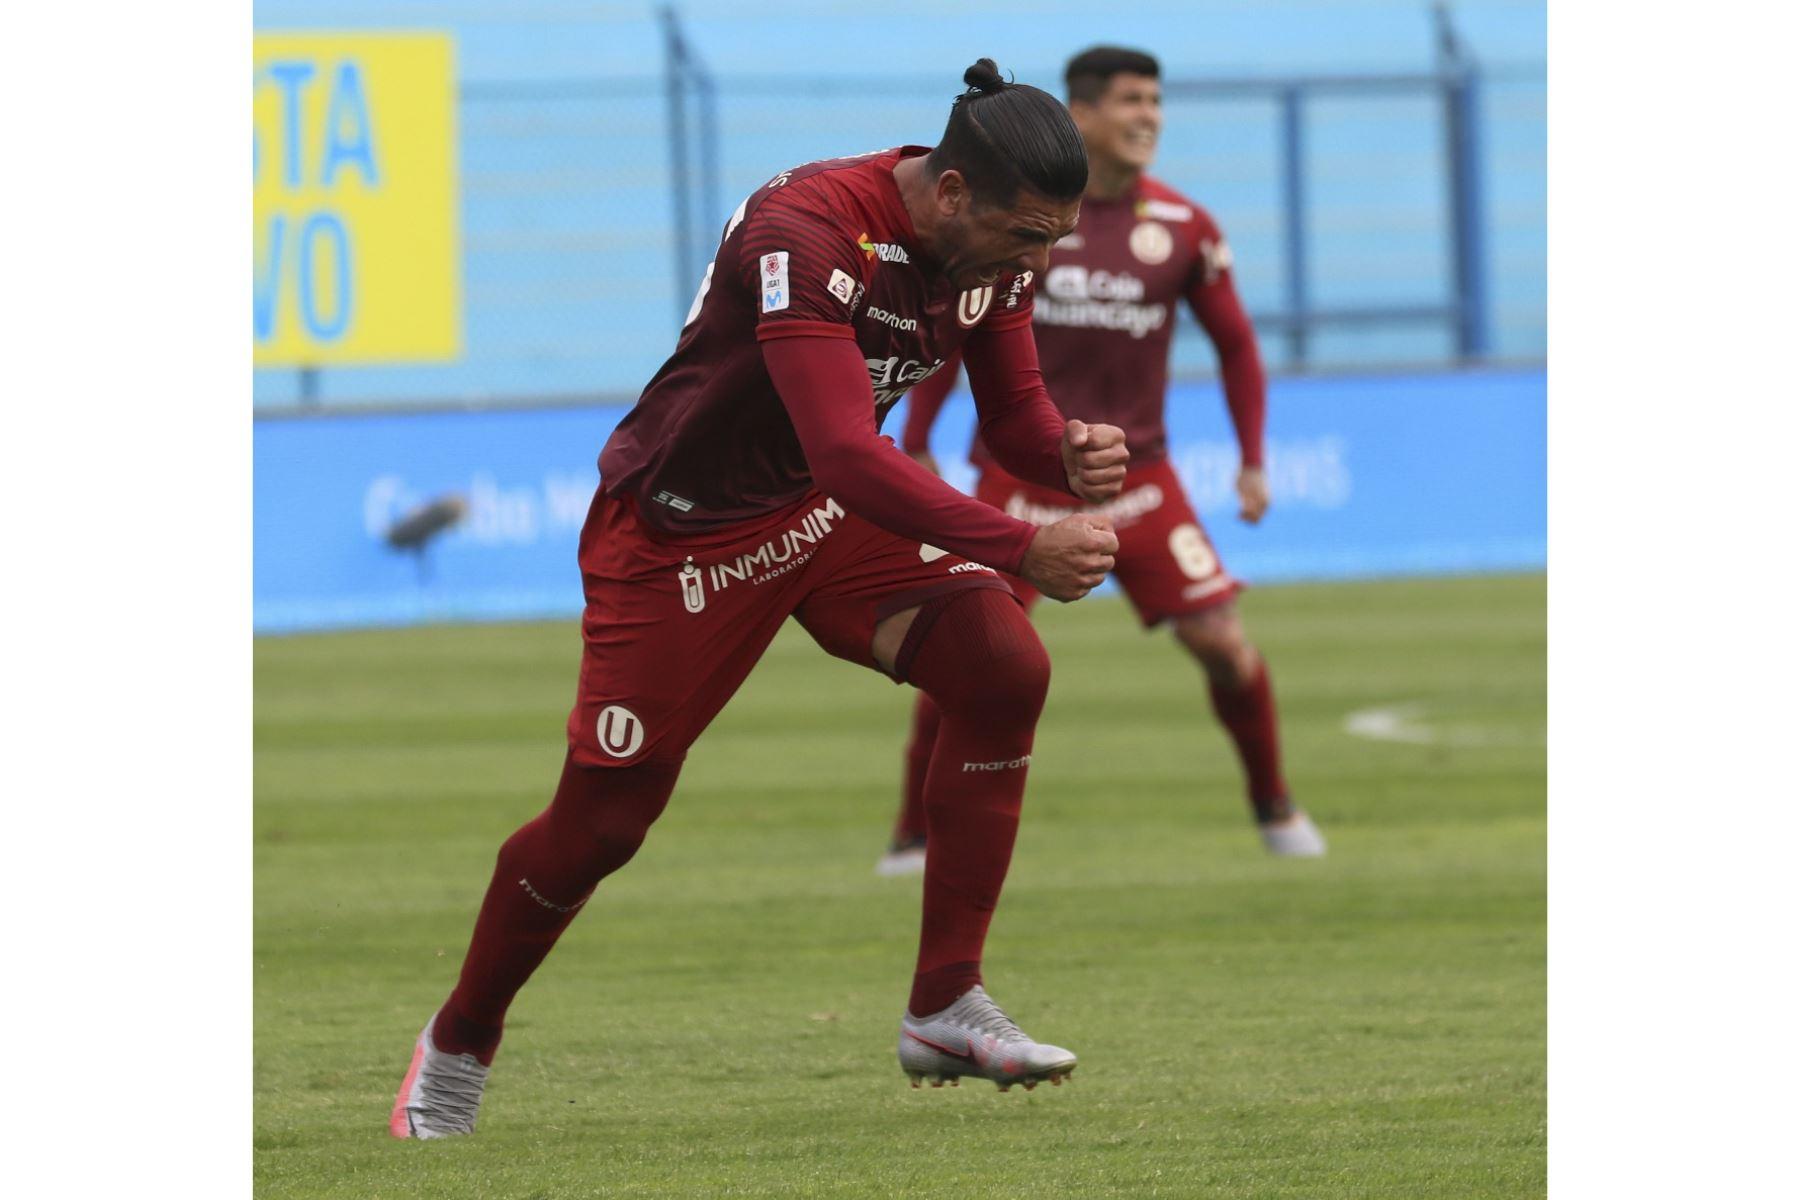 Jonathan Dos Santos celebra luego de anotar en la goleada de Universitario de Deportes a Deportivo Municipal que culminó 5-0 por la fecha 15 del Torneo Apertura de la Liga 1.  Foto: FPF  Foto: FPF